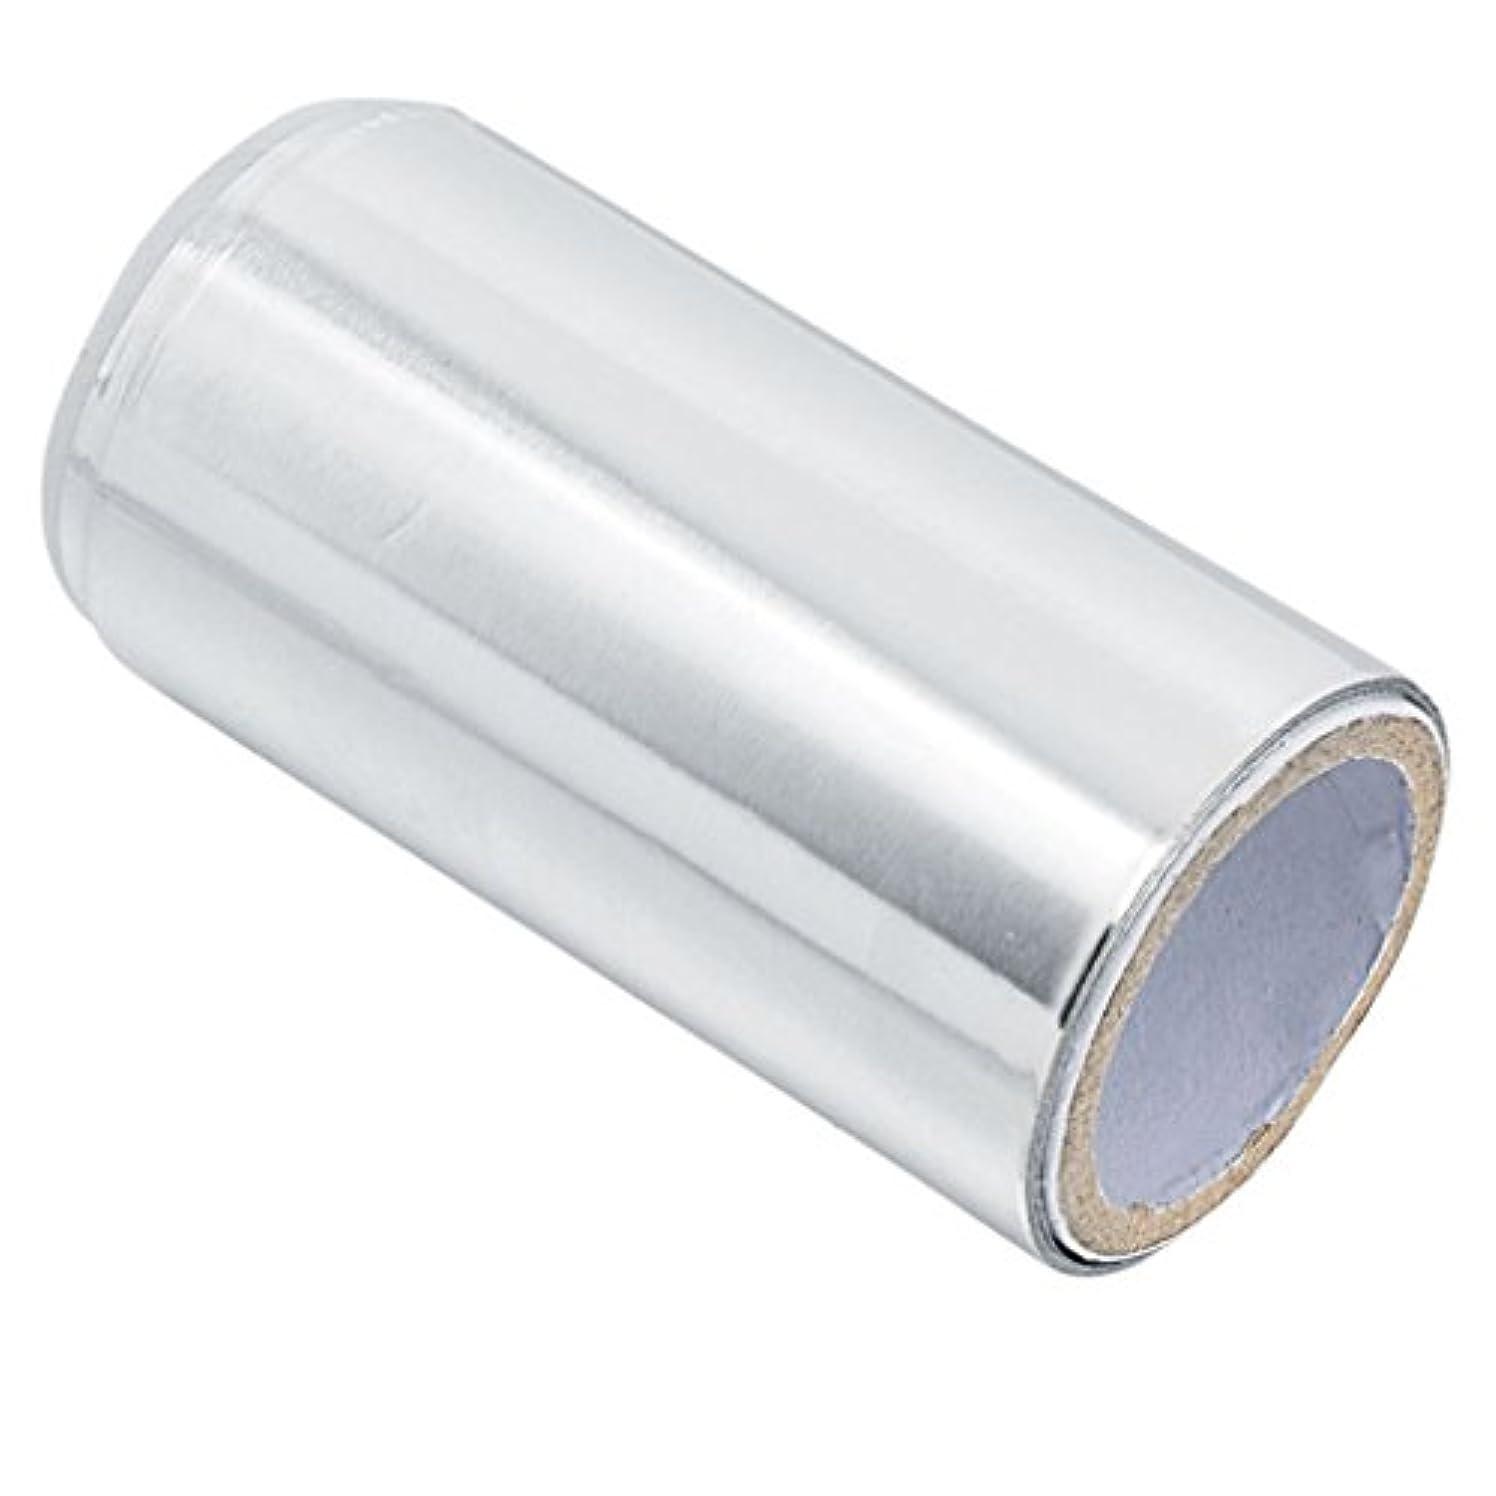 閉塞吸収剤スコットランド人マニキュア錫箔紙 ヘア/ネイル用 ジェル除却 ヘアパーマ 約5m